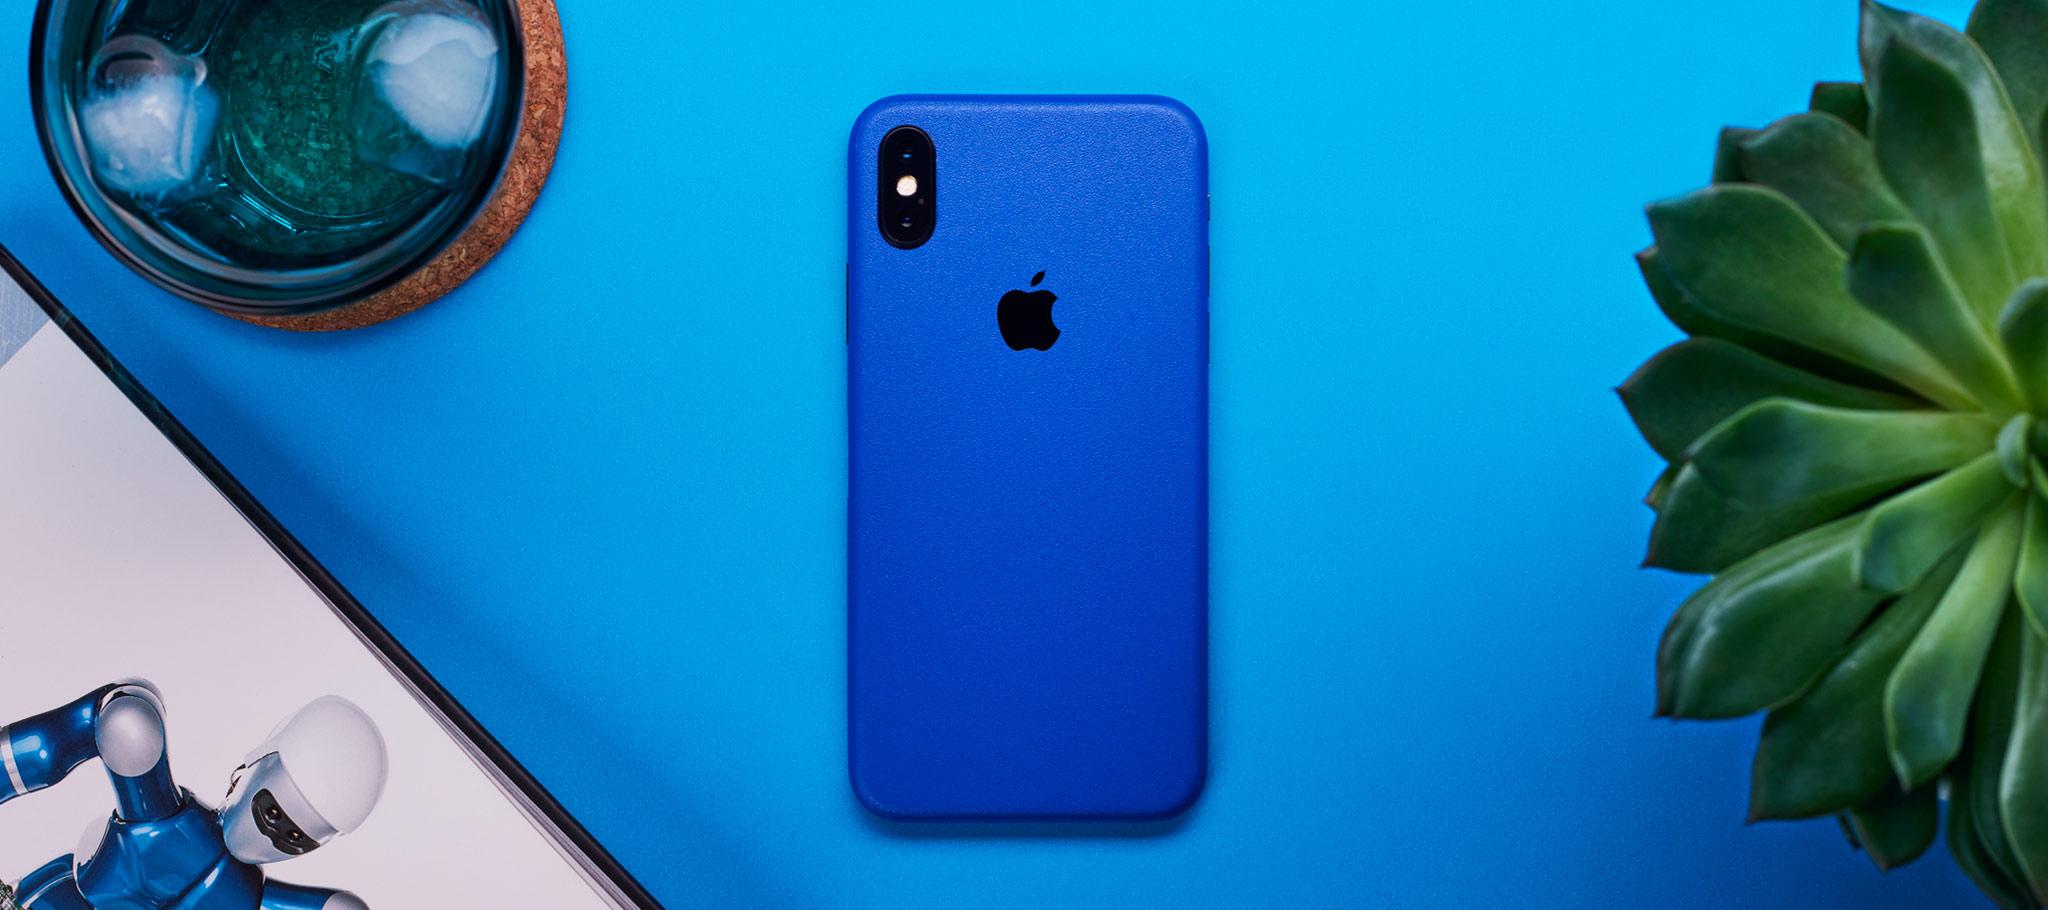 iPhone Donma Sorunu Nedir?